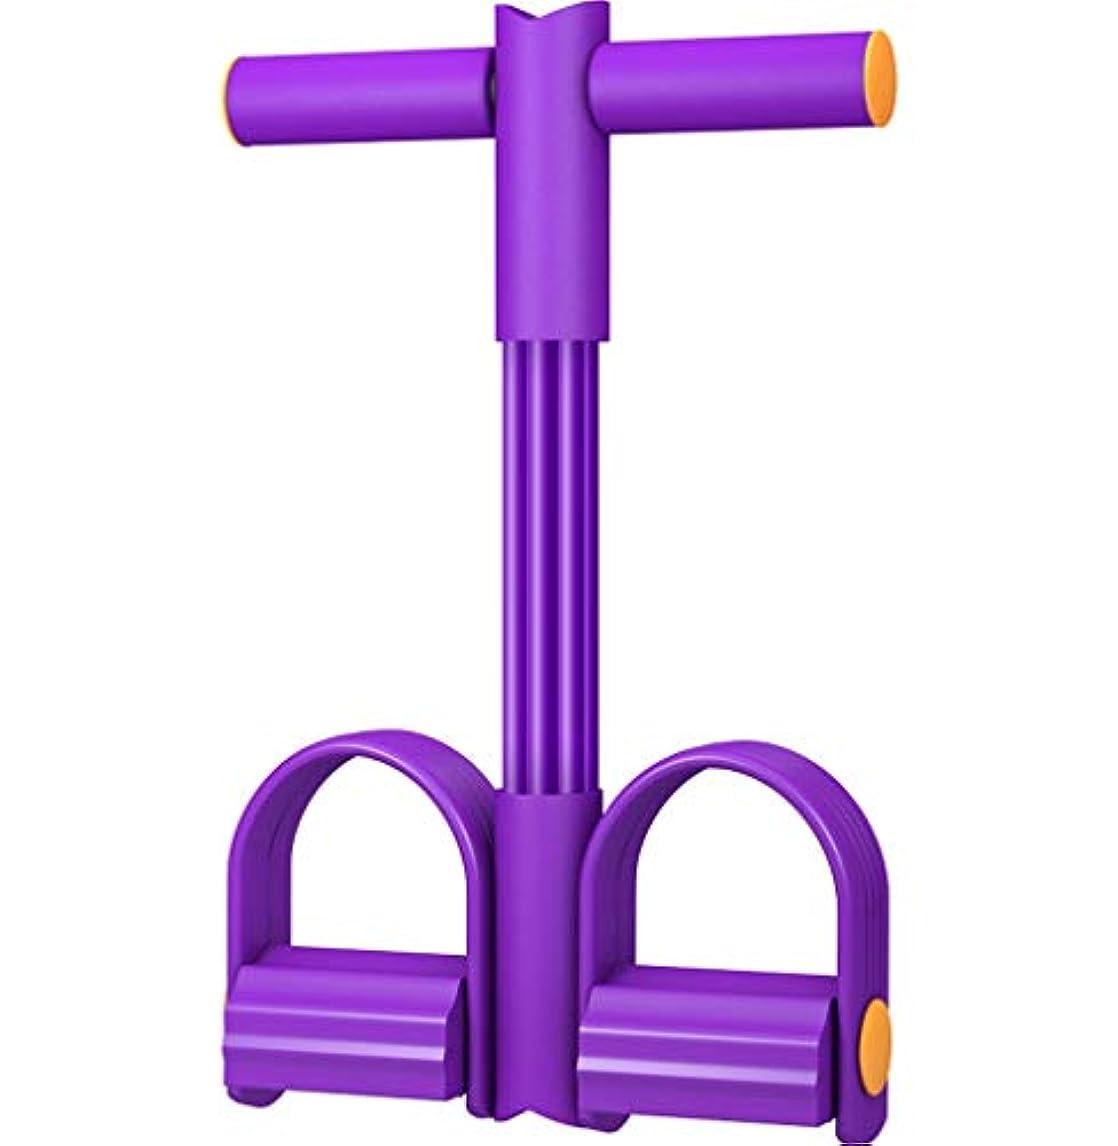 のぞき見和解する分注するCDWJFA- スリミングトレーニングを伸ばすためのハンドルフィットネス機器ペダルプラーエクササイズバンドとペダル弾性プルロープ (Color : Purple)